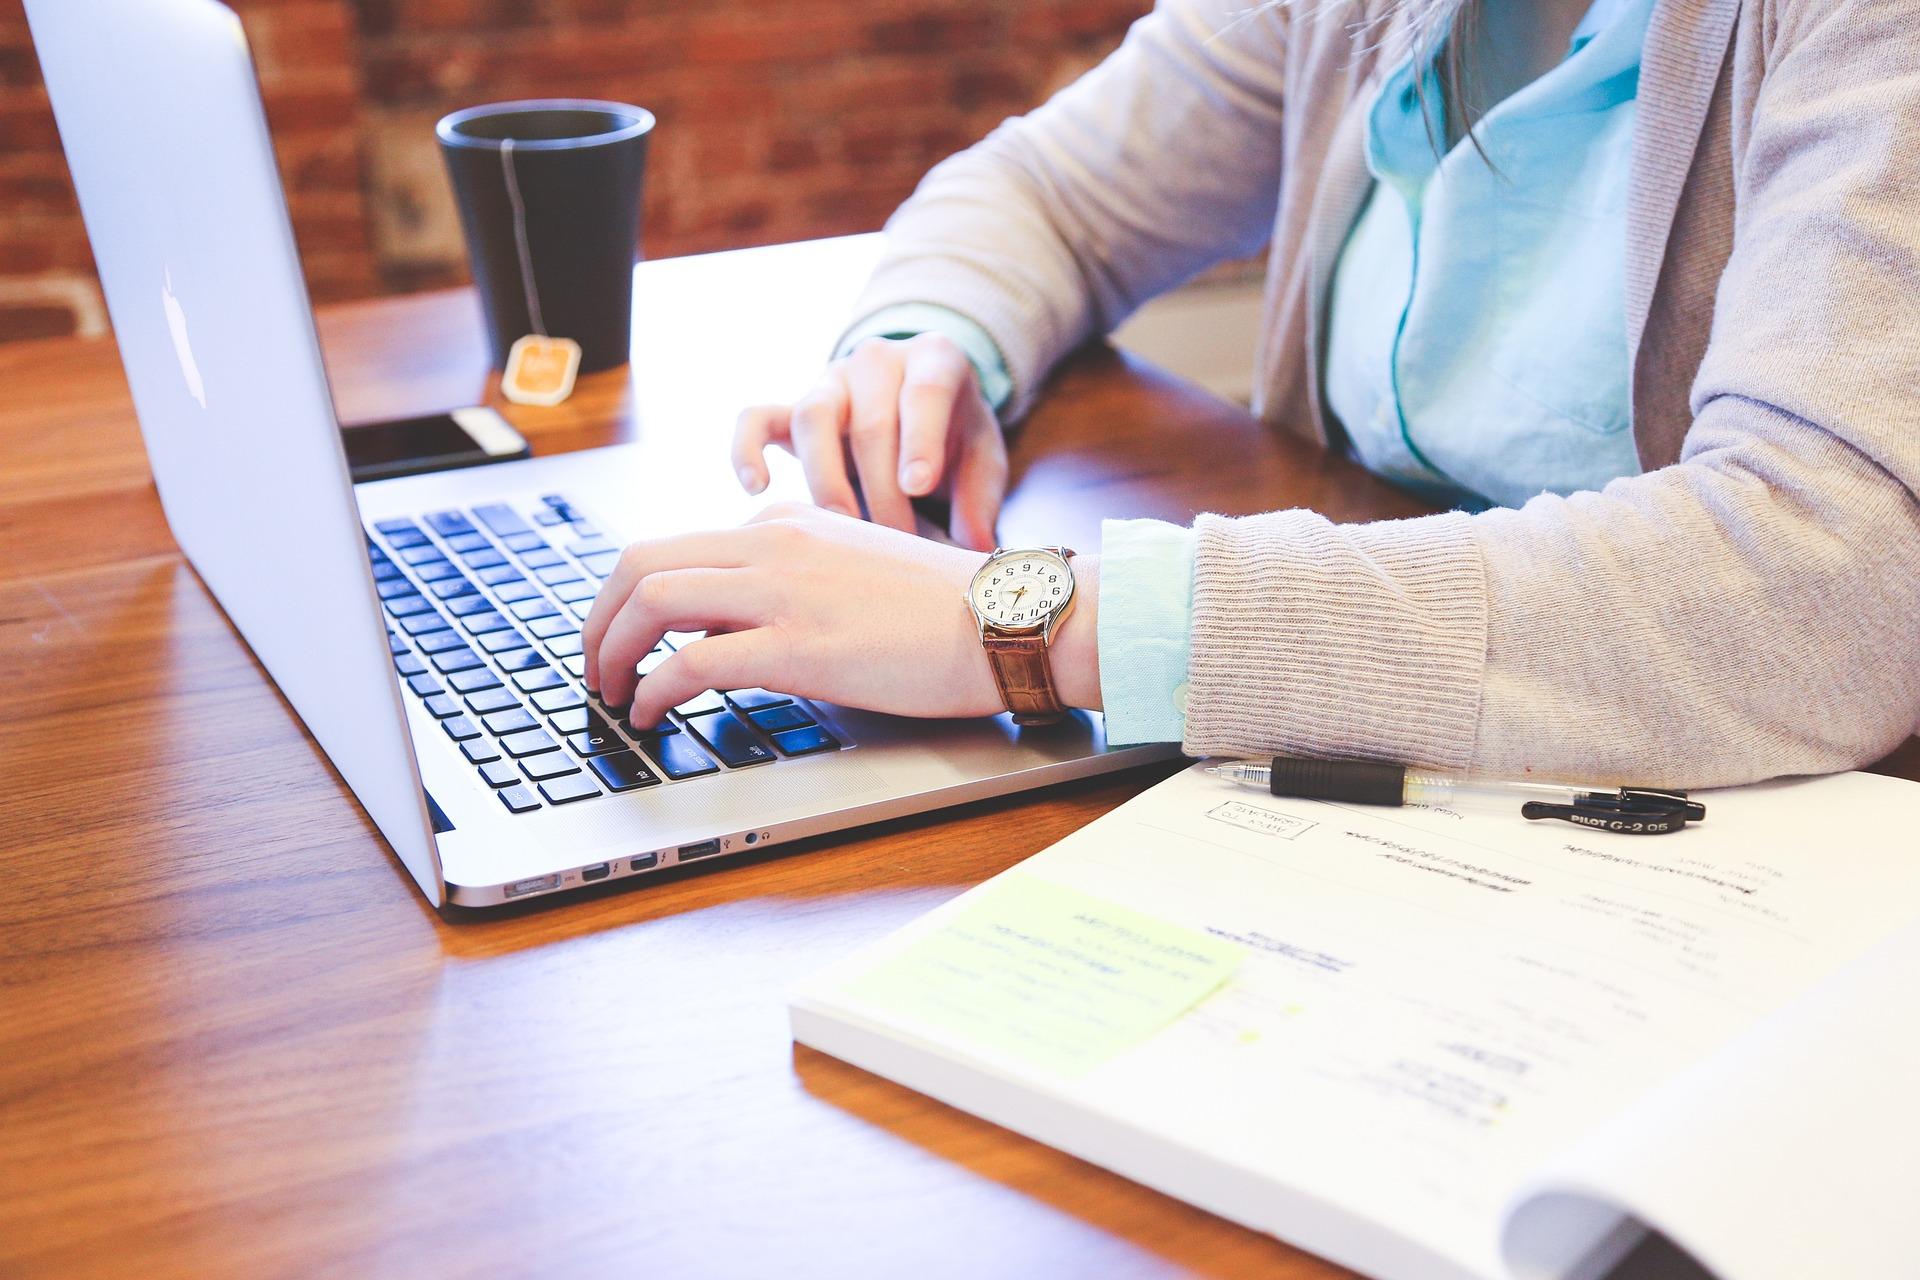 Concorrentes não poderão utilizar marca de empresa como palavra-chave de anúncios na internet